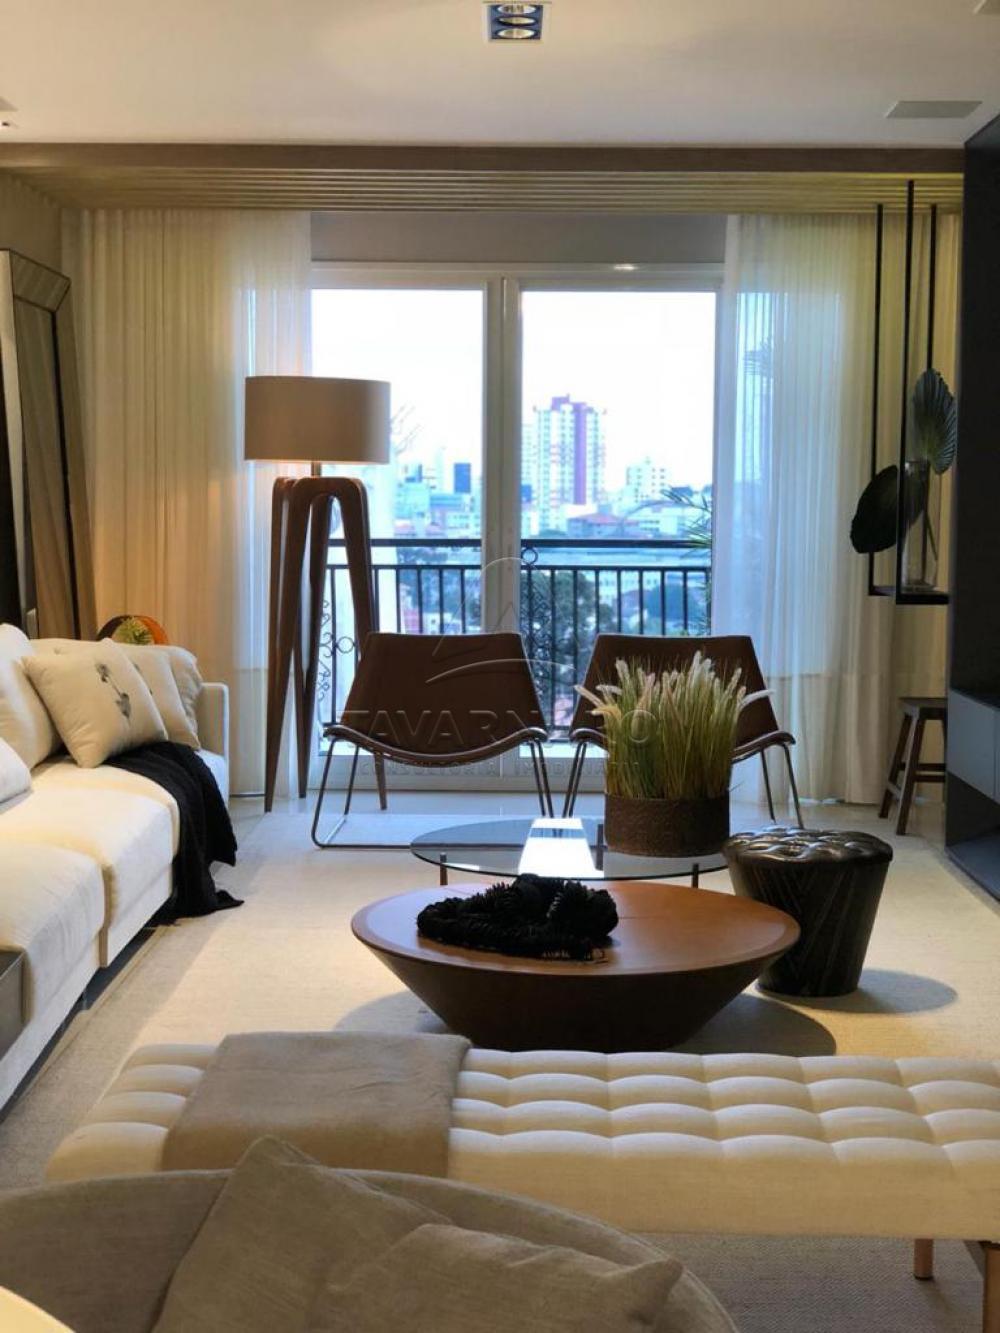 Comprar Apartamento / Padrão em Ponta Grossa R$ 1.500.000,00 - Foto 17